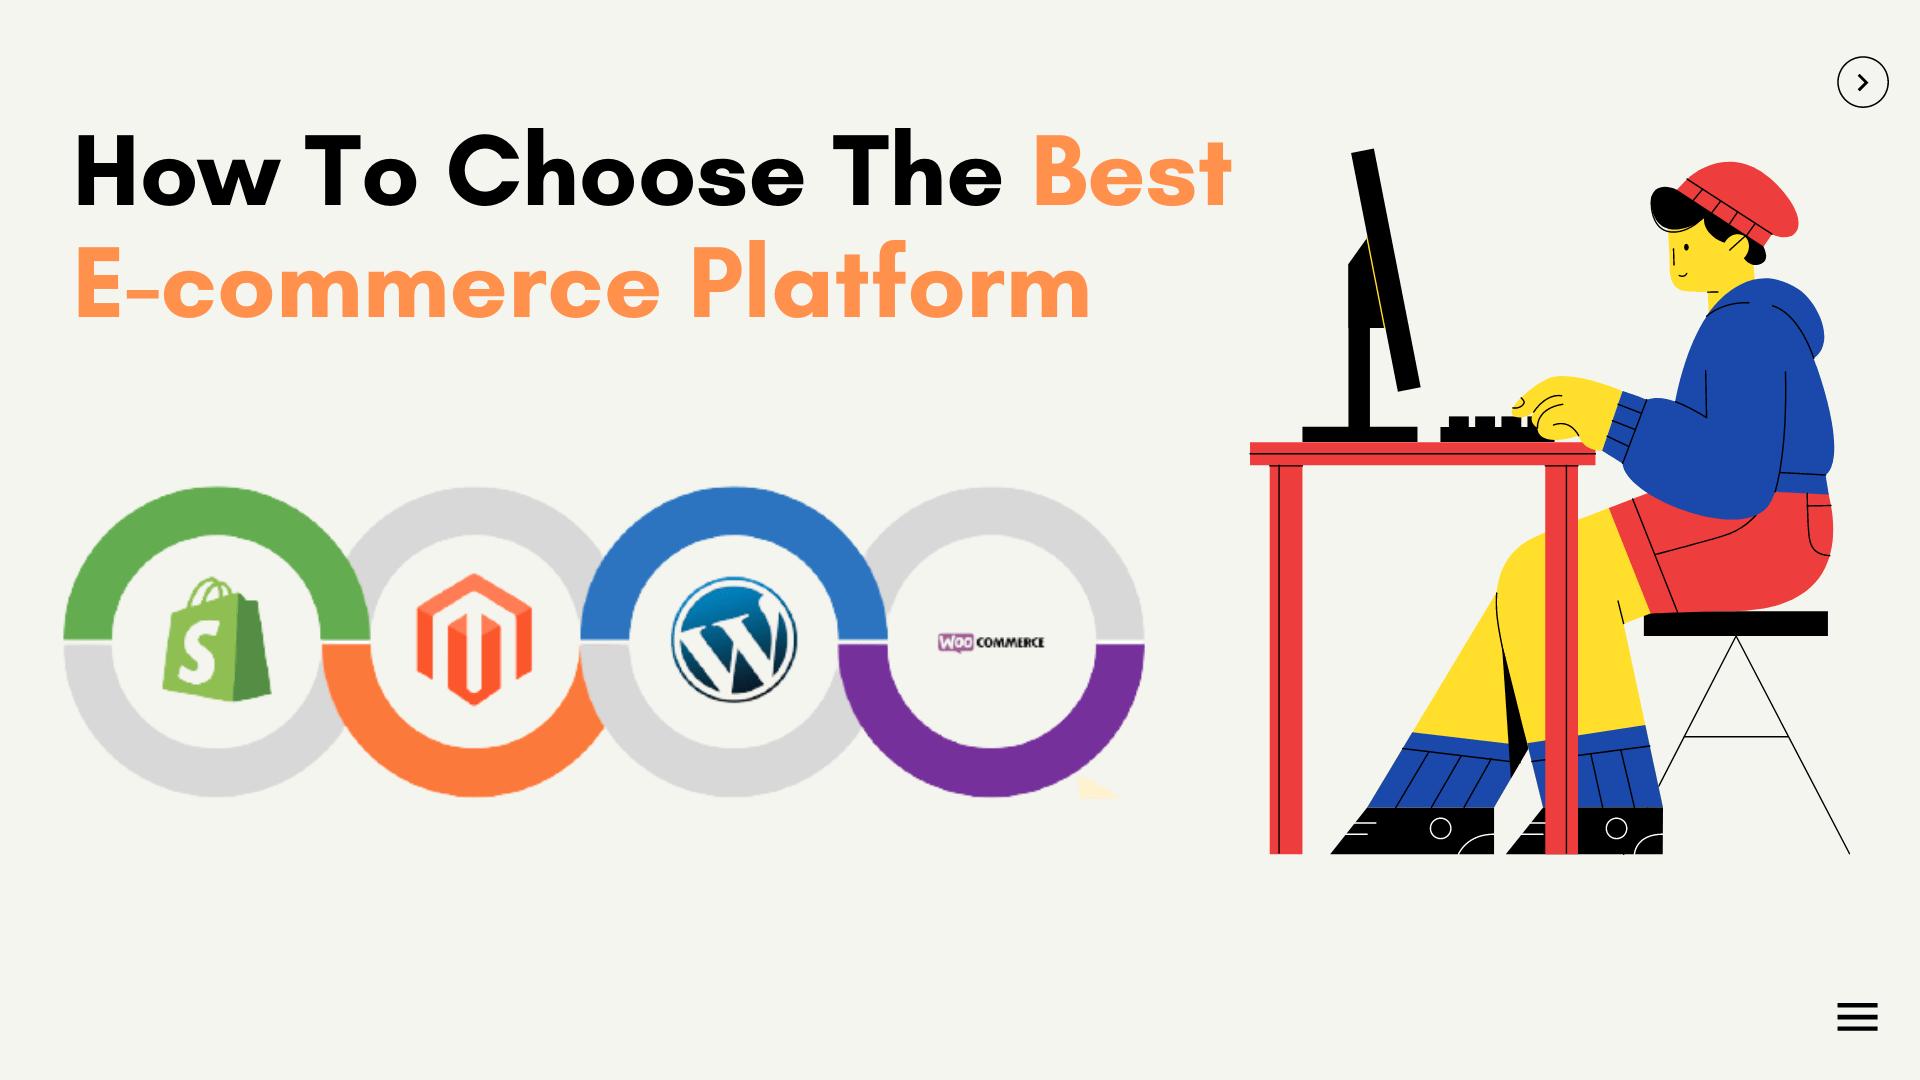 Best eCommerce platform to choose